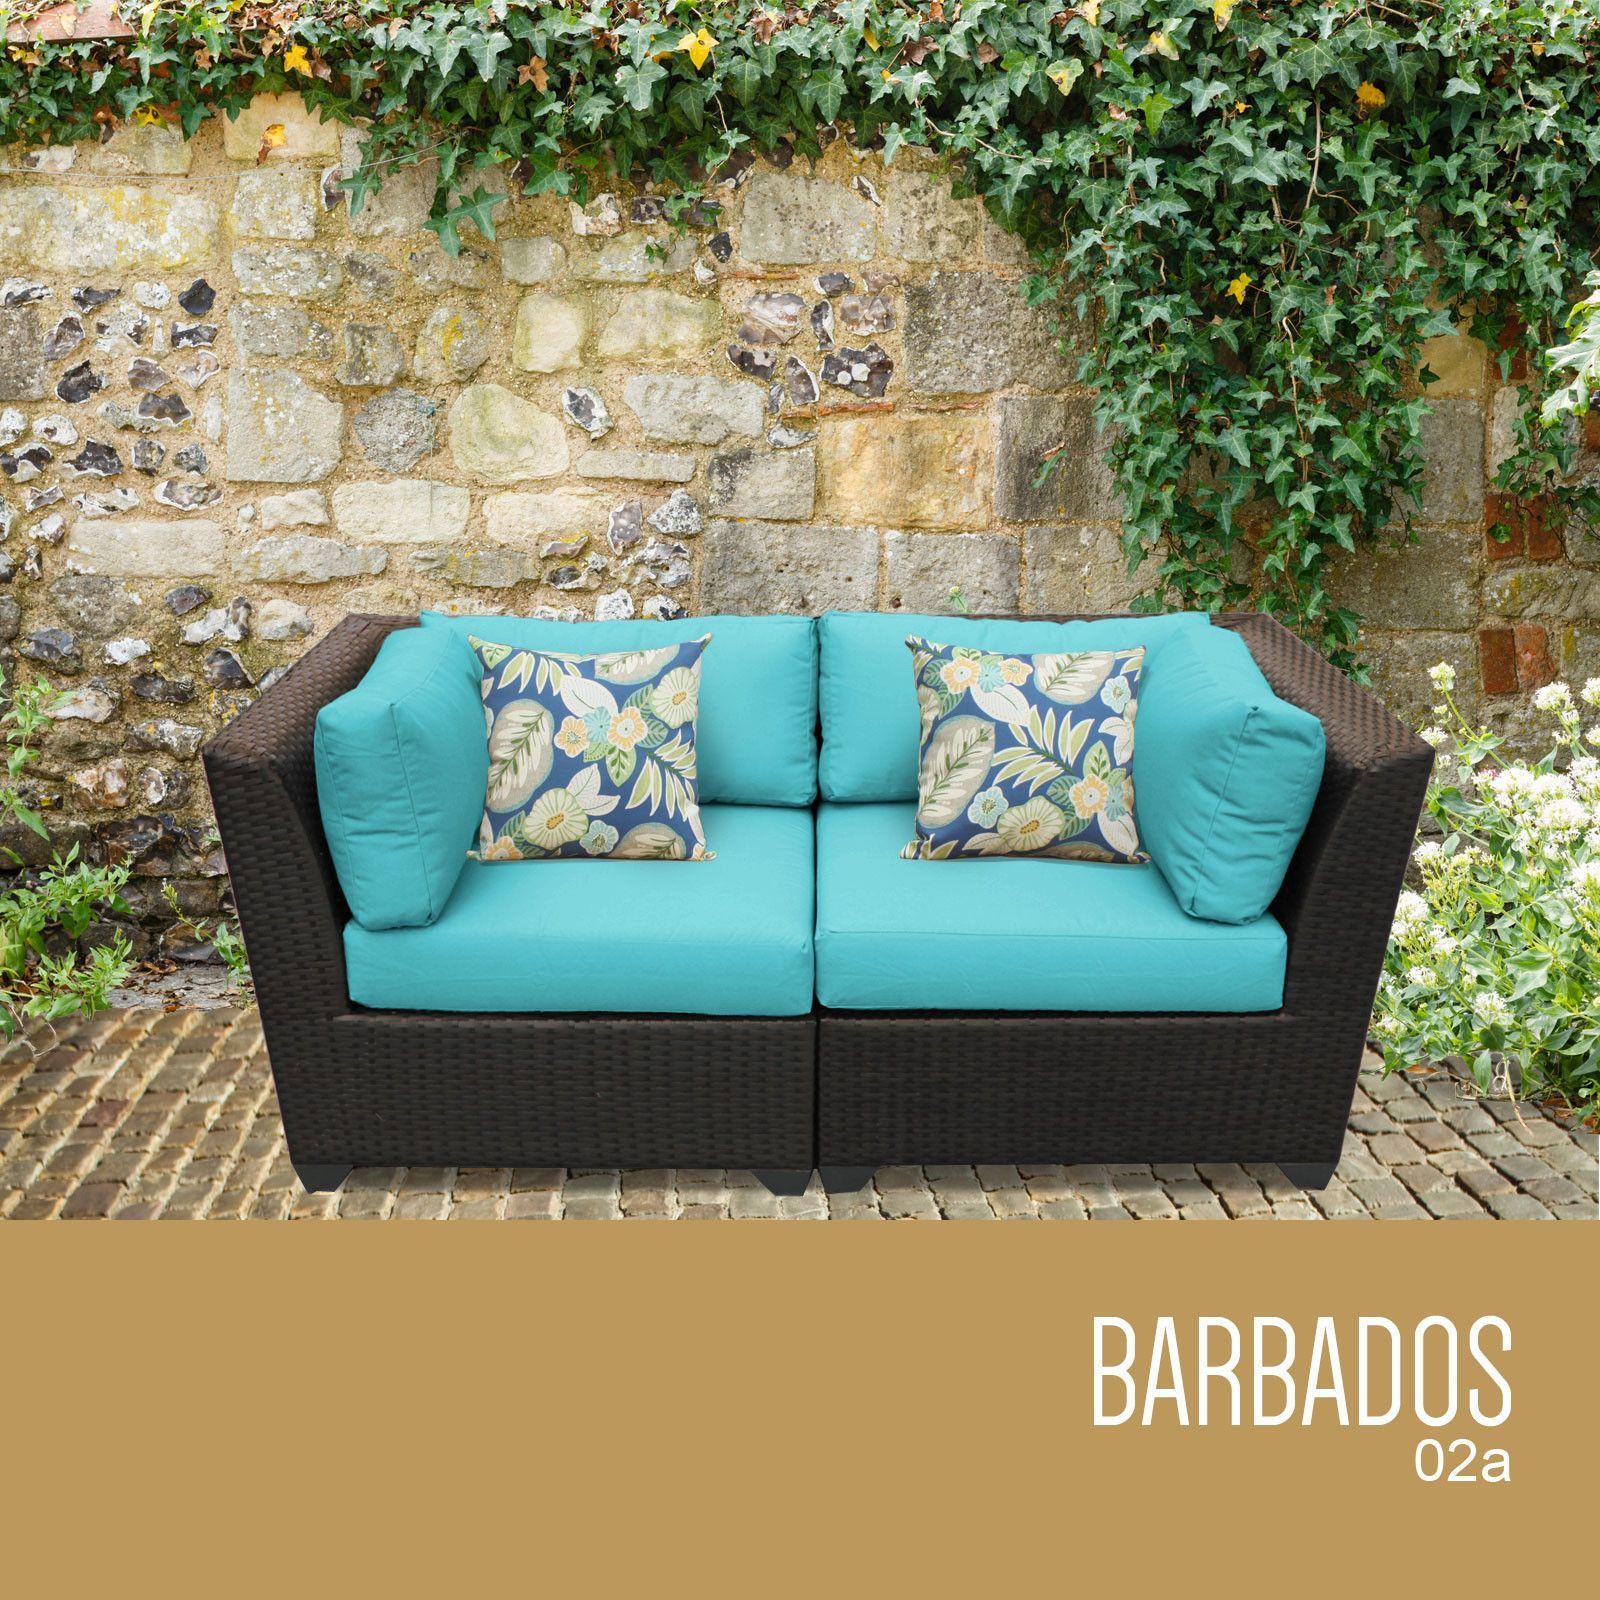 Barbados 2 Piece Outdoor Wicker Patio Furniture Set 02a Outdoor